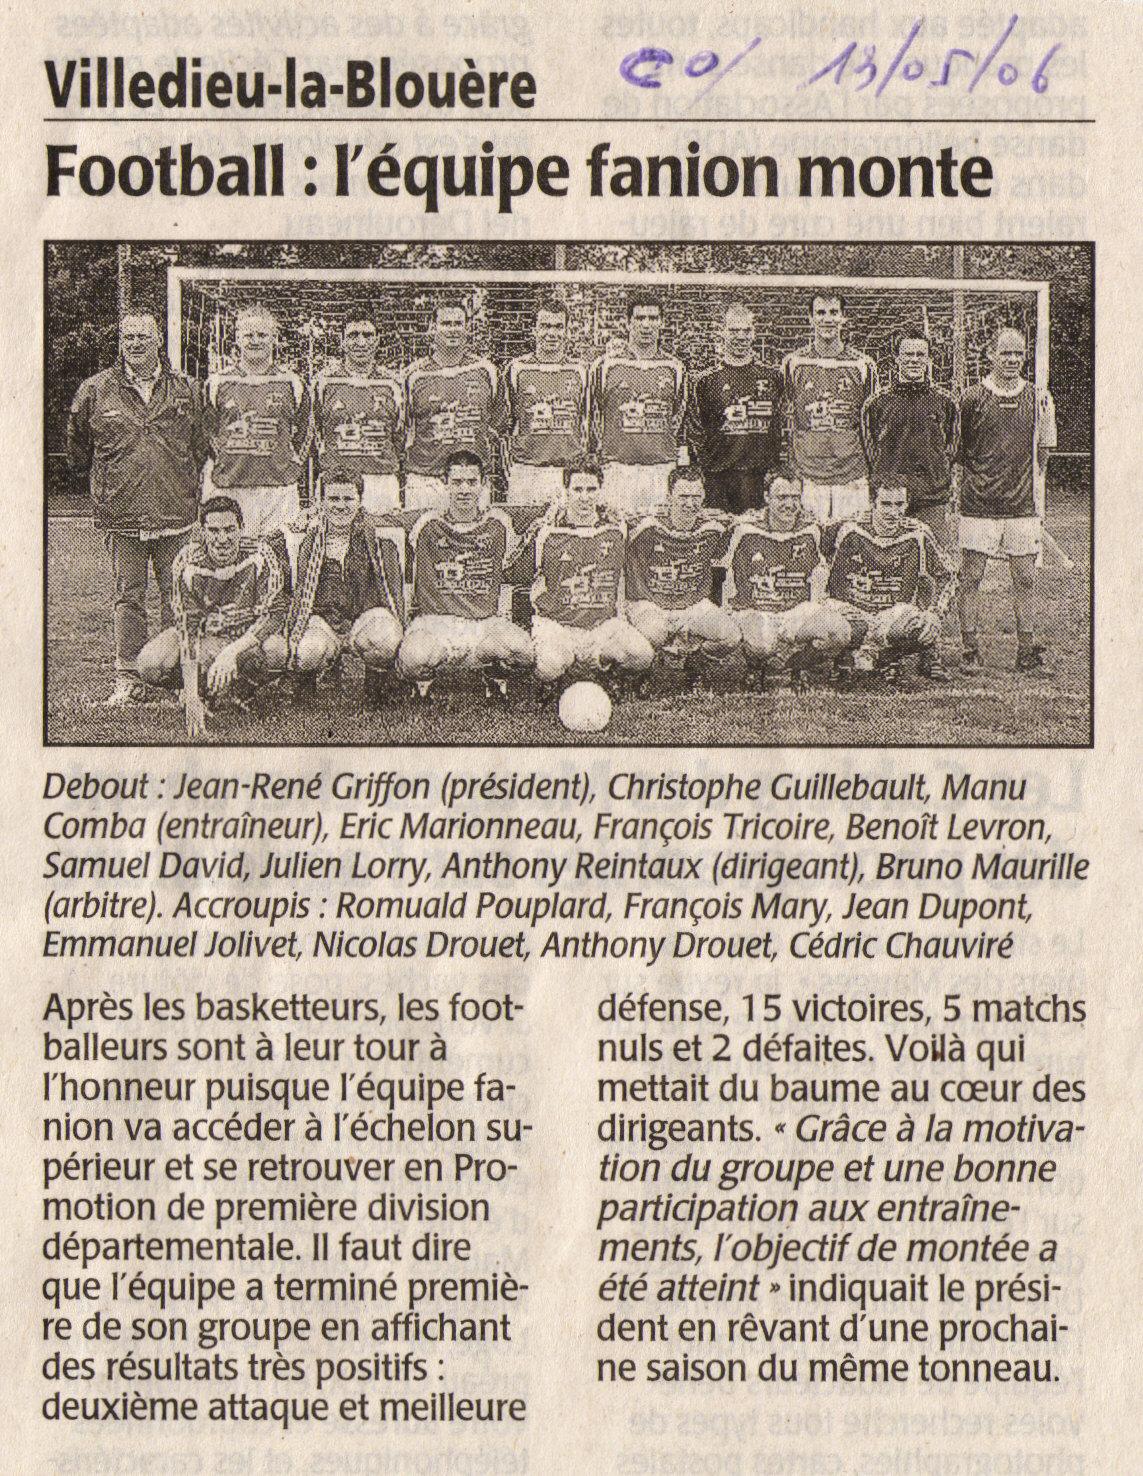 montee-p1-2005-06-co-13-05-06